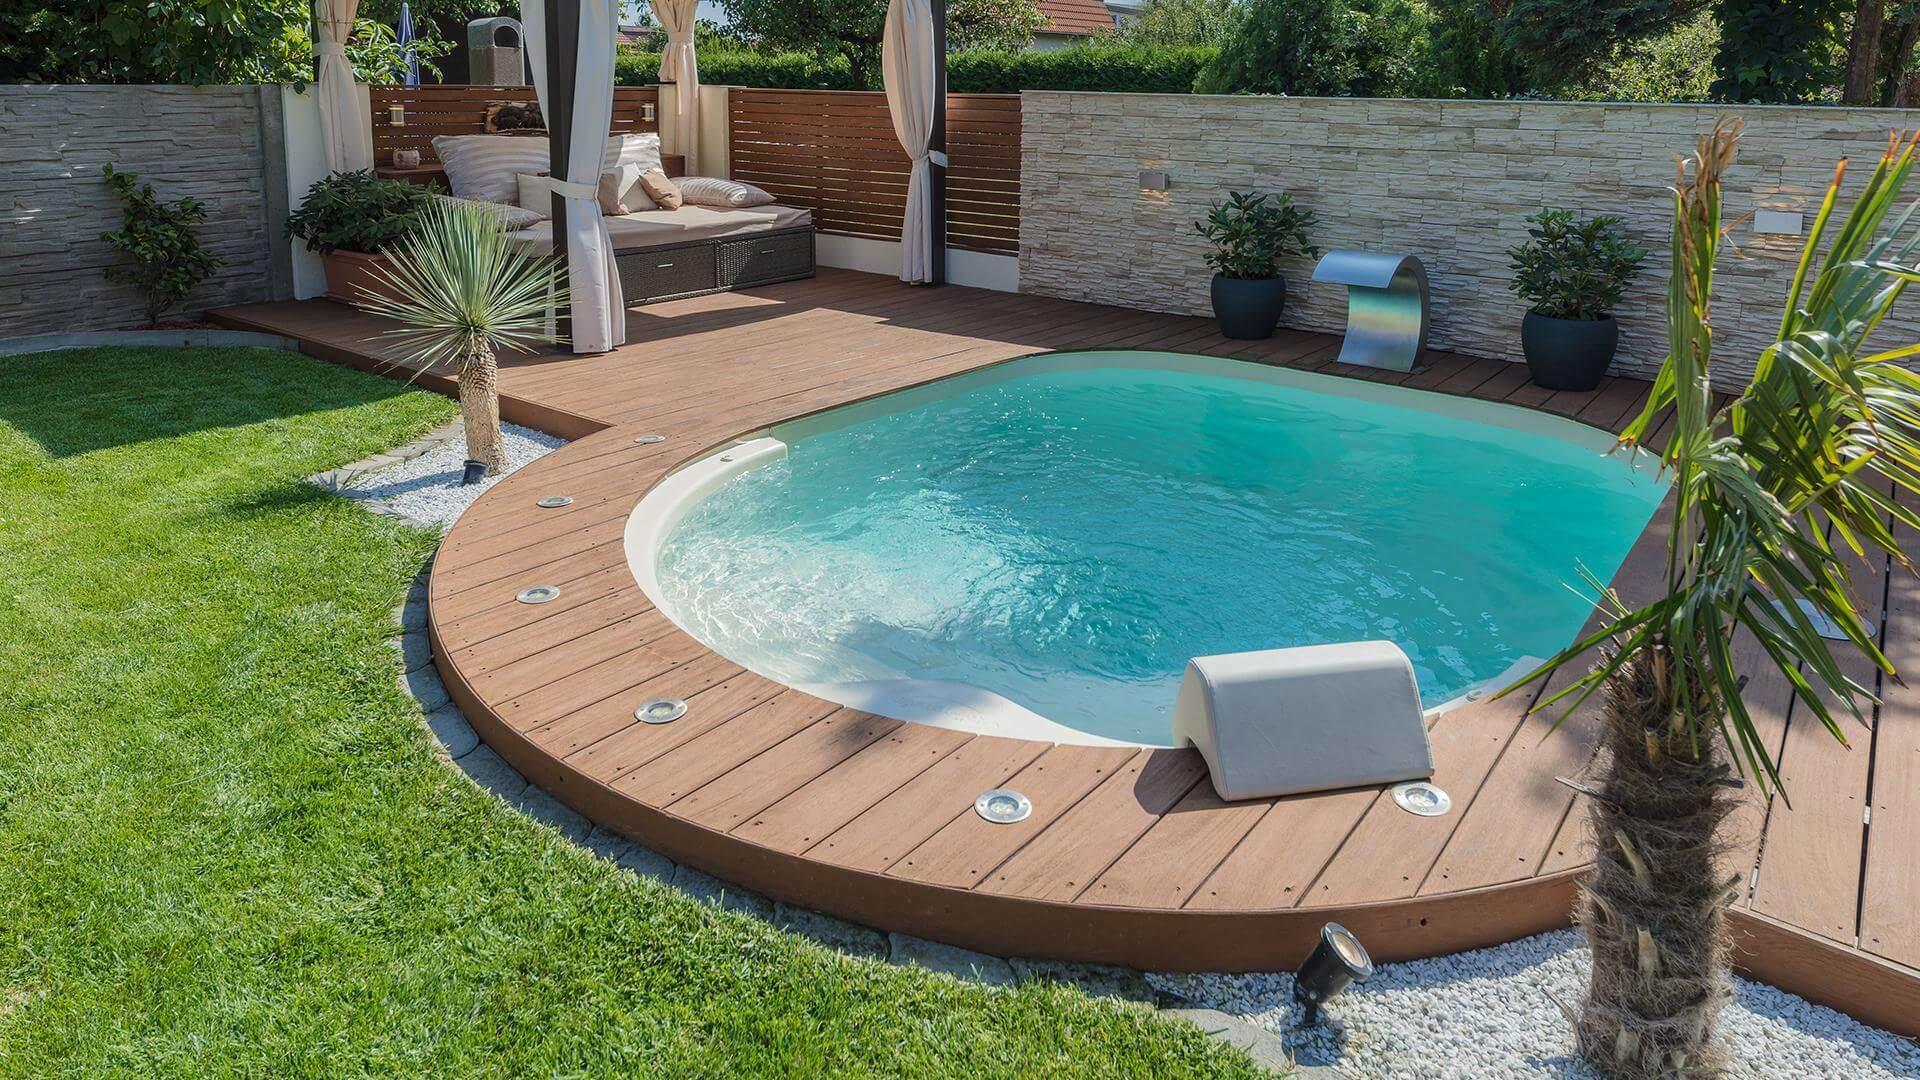 घर के किसी कोने को रियूज करने के लिए ऐसे स्विमिंग पूल बेस्ट ऑप्शन है।